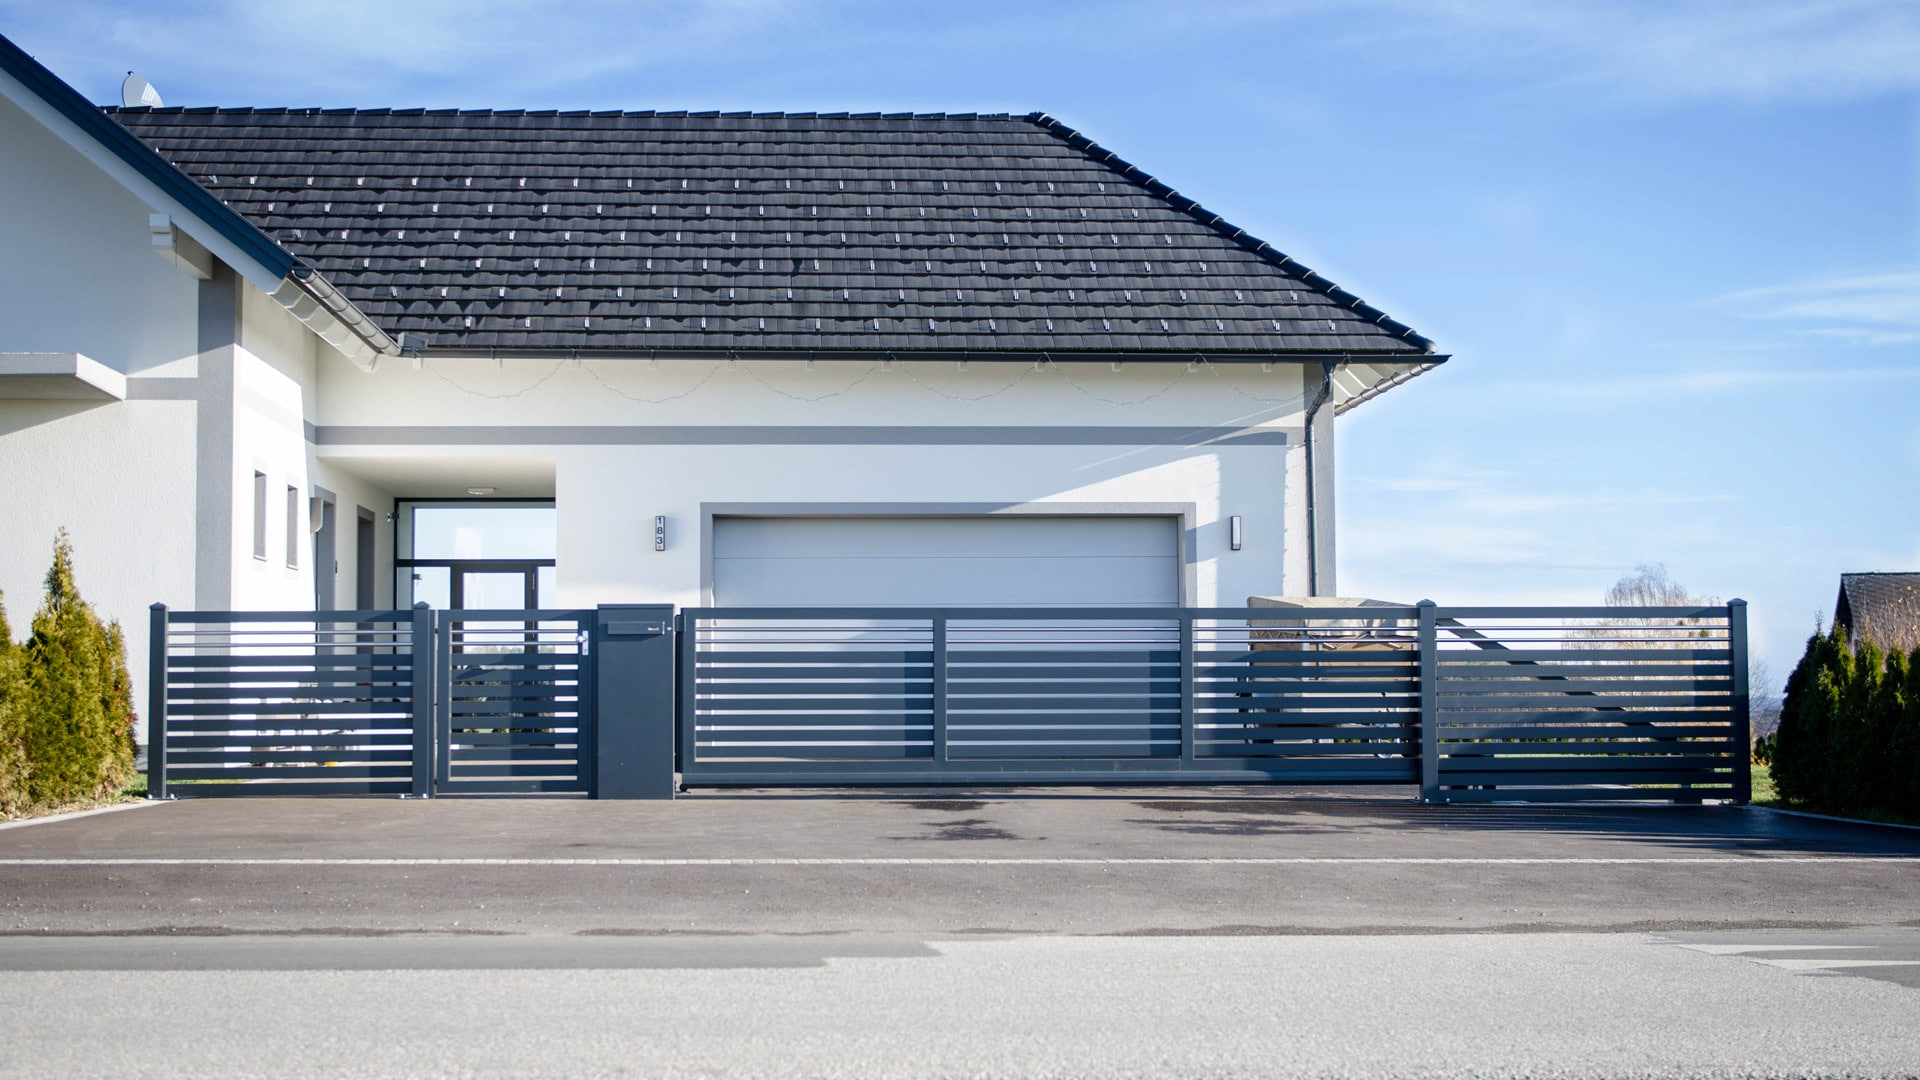 ZA Telfs 04 a | Moderner Querlattung Aluminium-Zaun anthrazit mit elektrischem Schiebetor | Svoboda